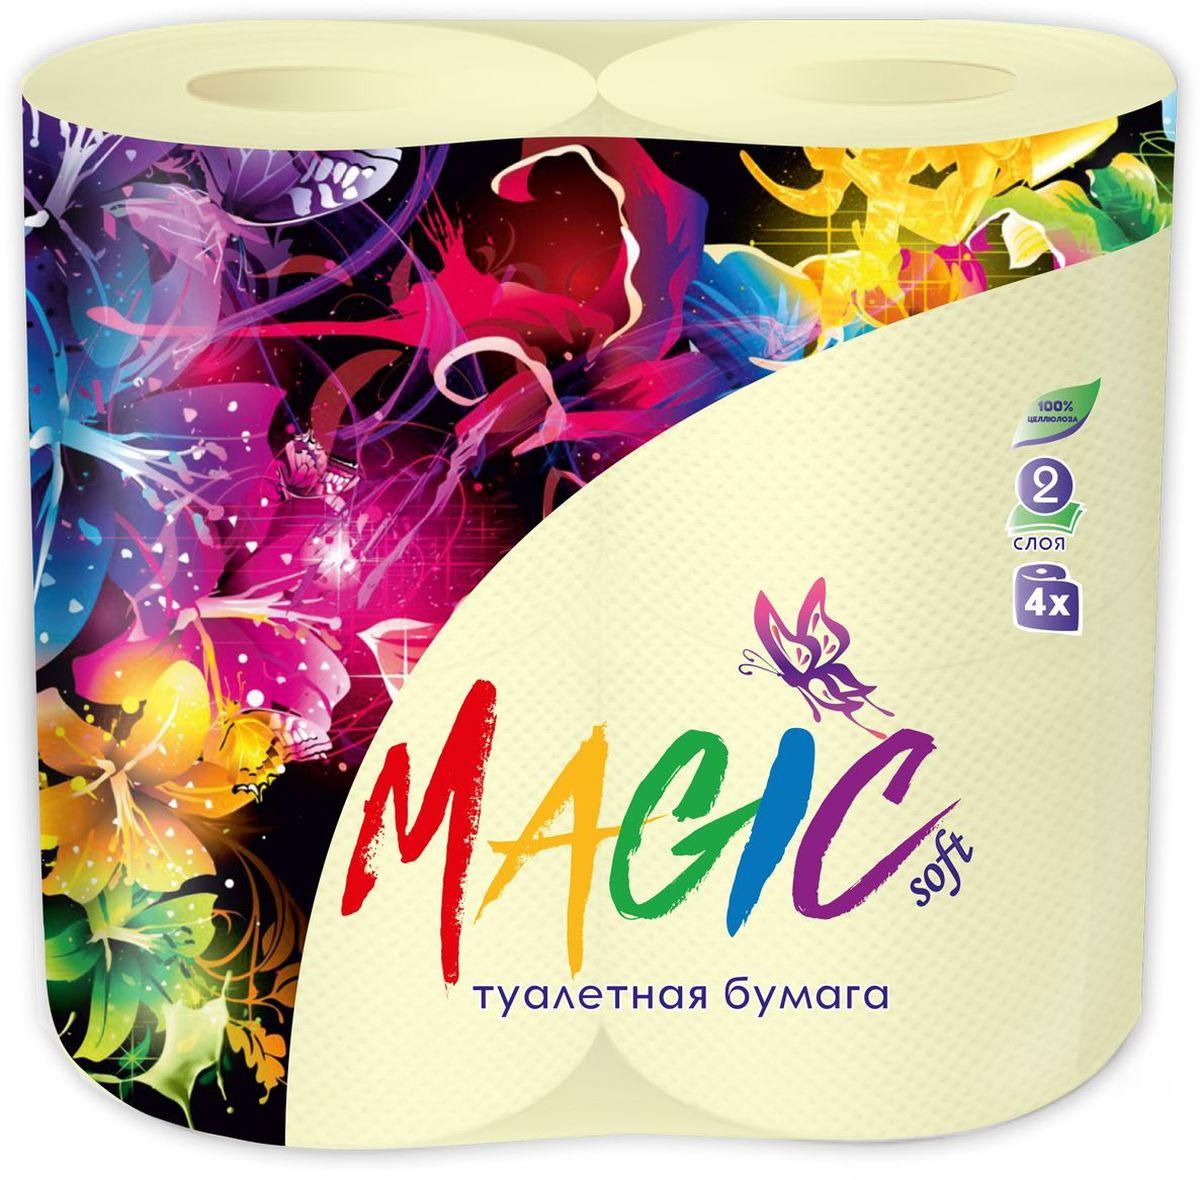 Туалетная бумага Magic Soft, цвет: желтый, 4 рулона20027Для бытового и санитарно-гигиенического назначения. Одноразового использования.